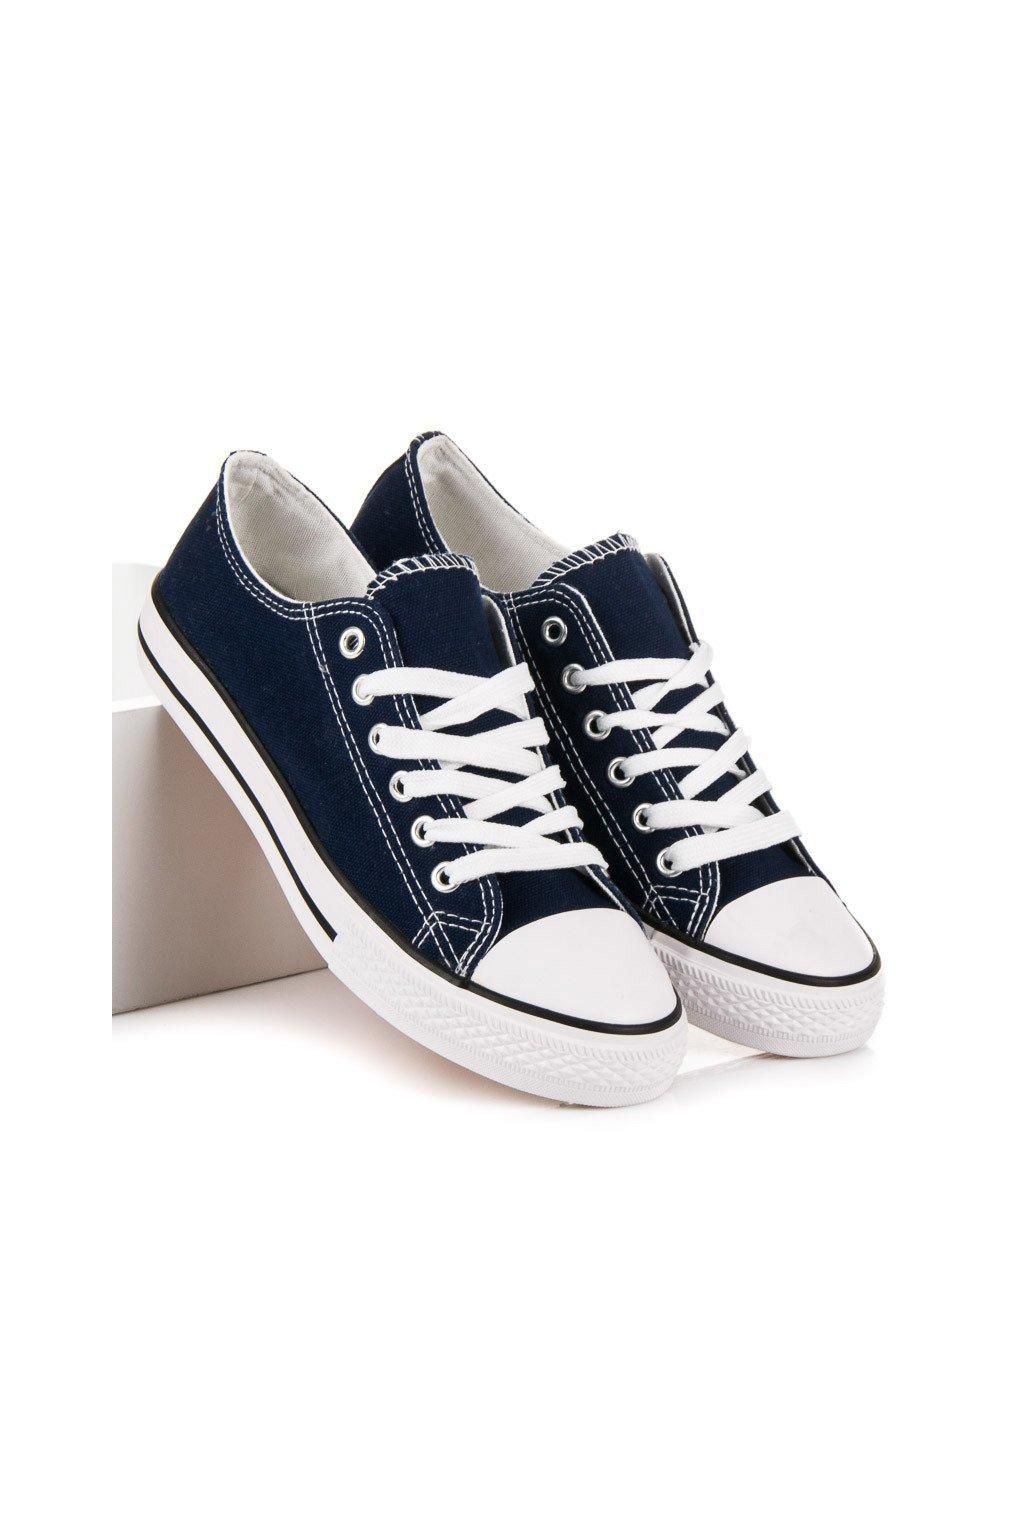 Modré tenisky Shelovet NJSK JD05N